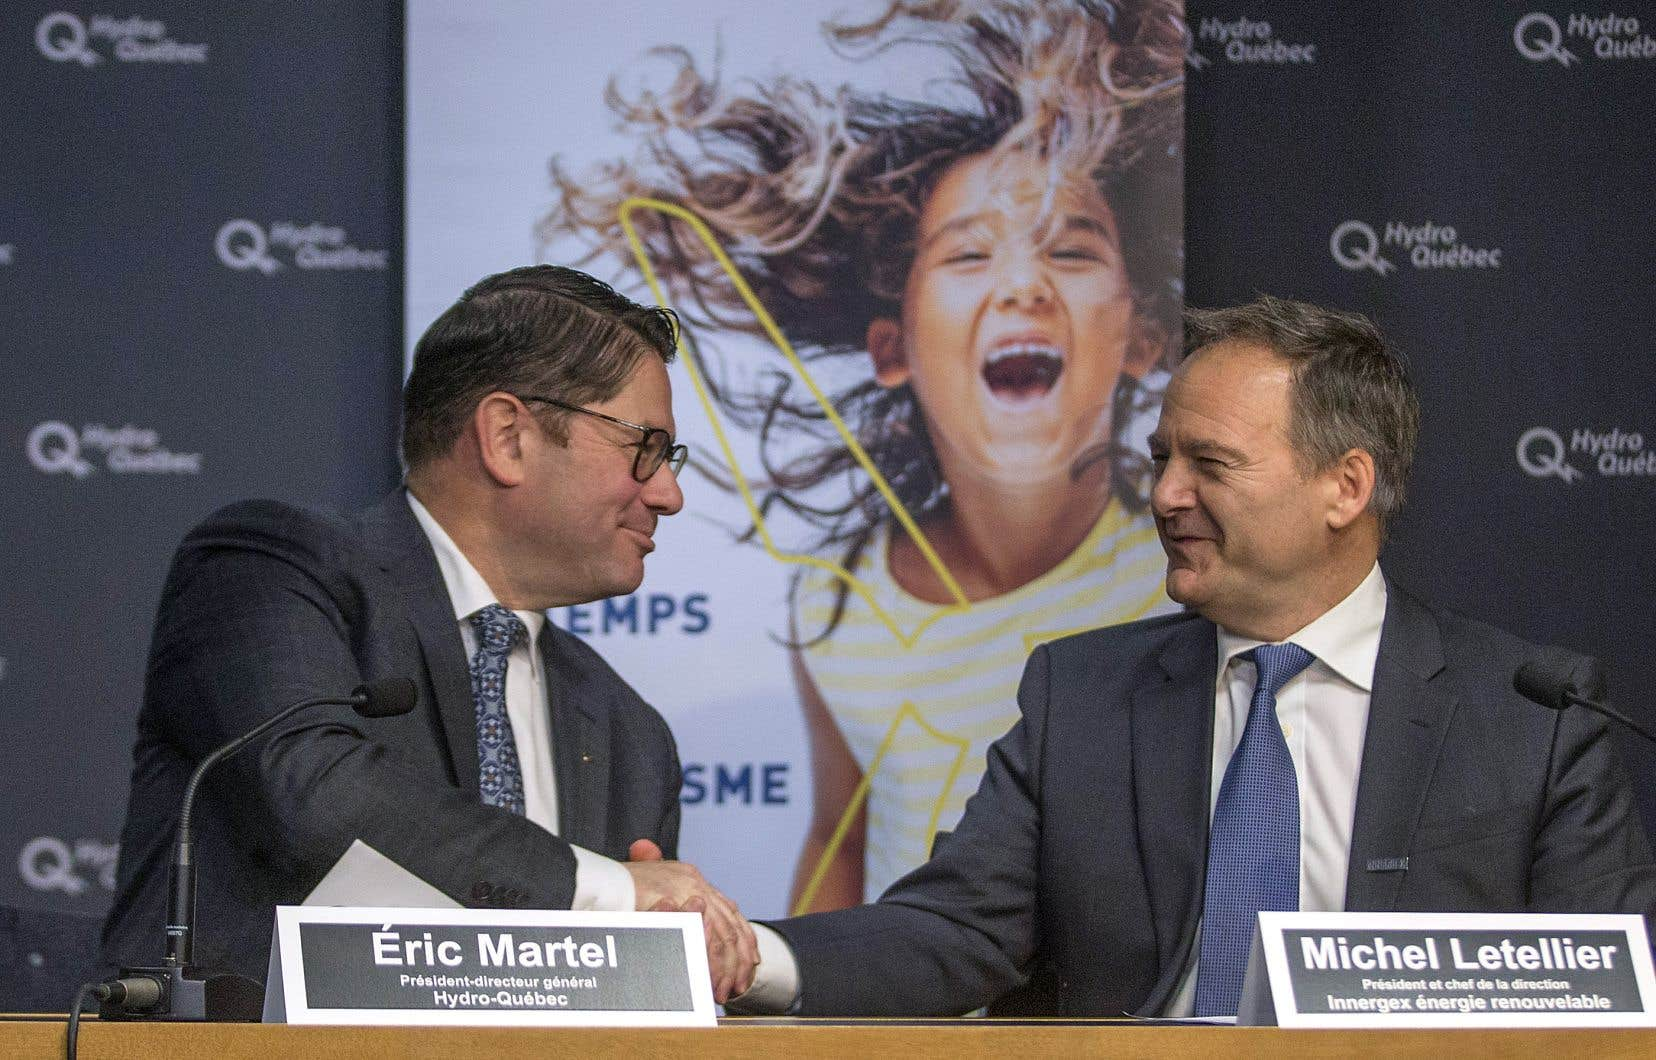 Pour le p.-d.g. d'Hydro-Québec, Éric Martel (à gauche), l'investissement de la société d'État dans Innergex marque la «création d'un champion québécois des énergies renouvelables d'envergure mondiale».